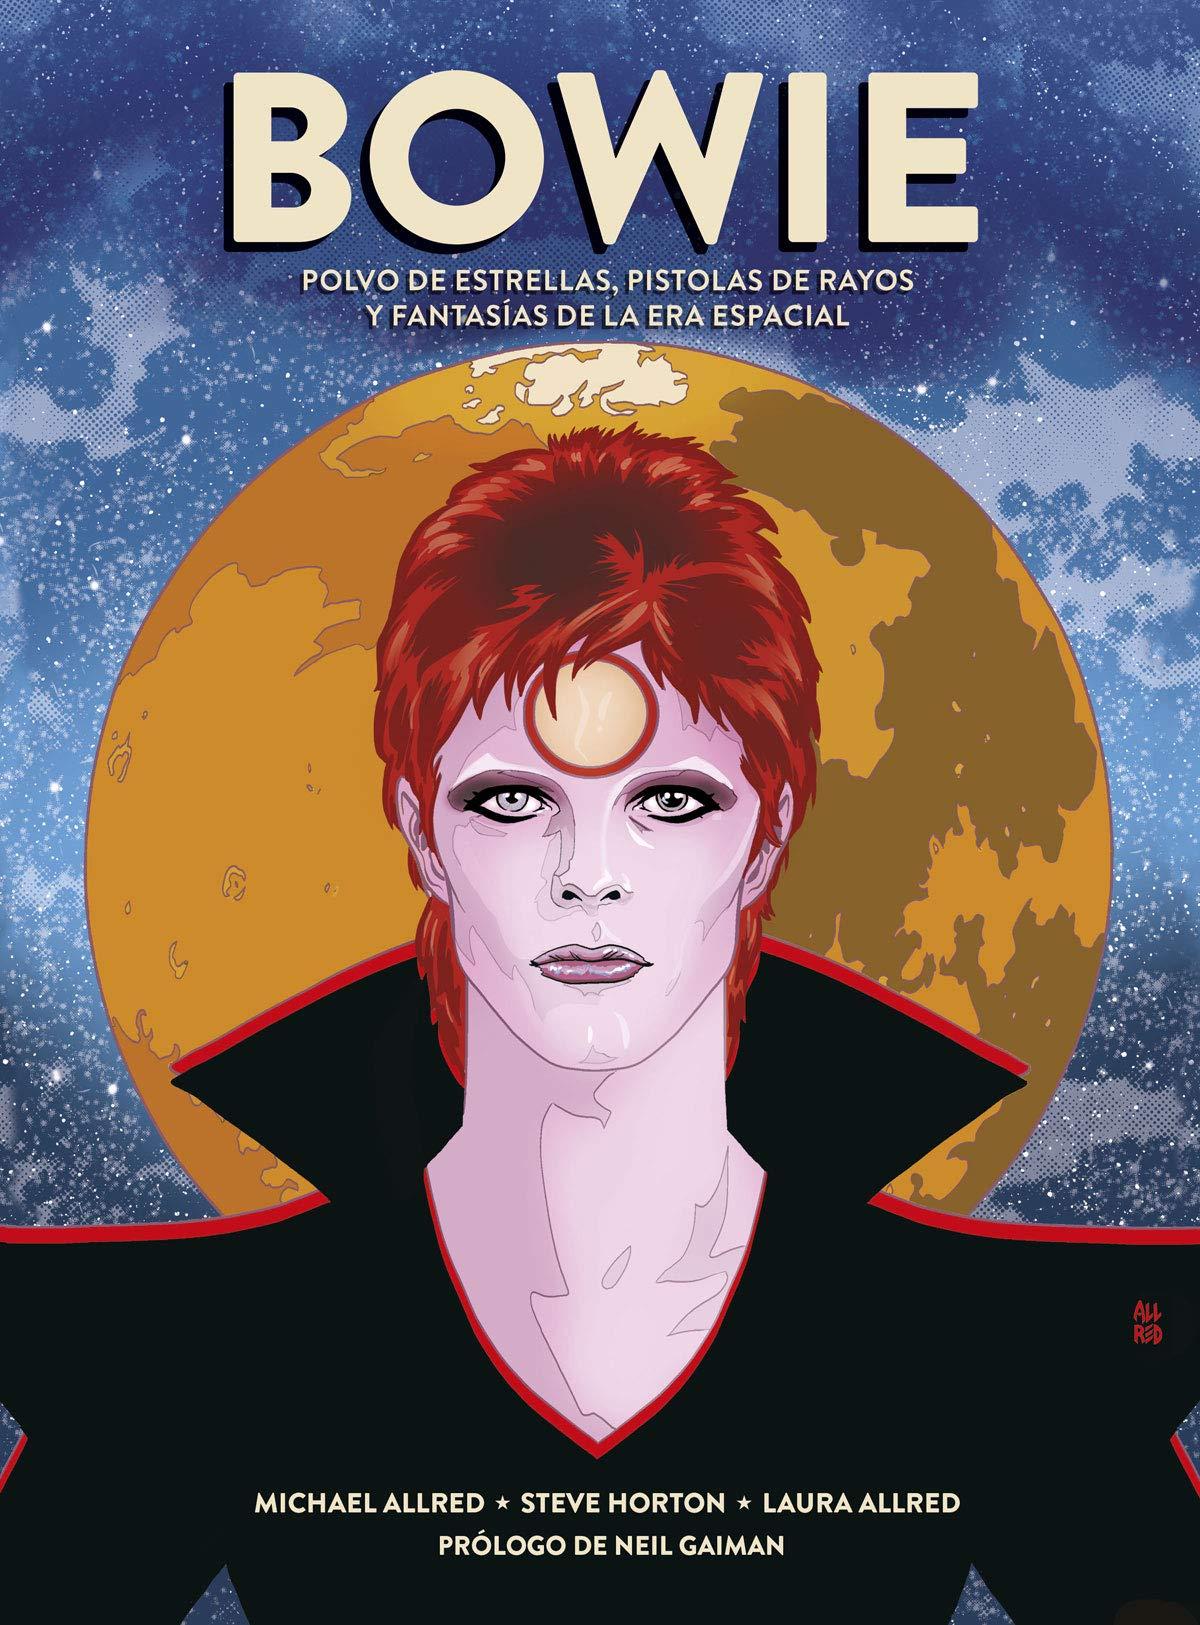 Bowie: Polvo De Estrellas, Pistolas de Rayos Y Fantasías De La Era Espacial: Amazon.es: Horton, Steve, Allred, Michael, Allred, Laura: Libros